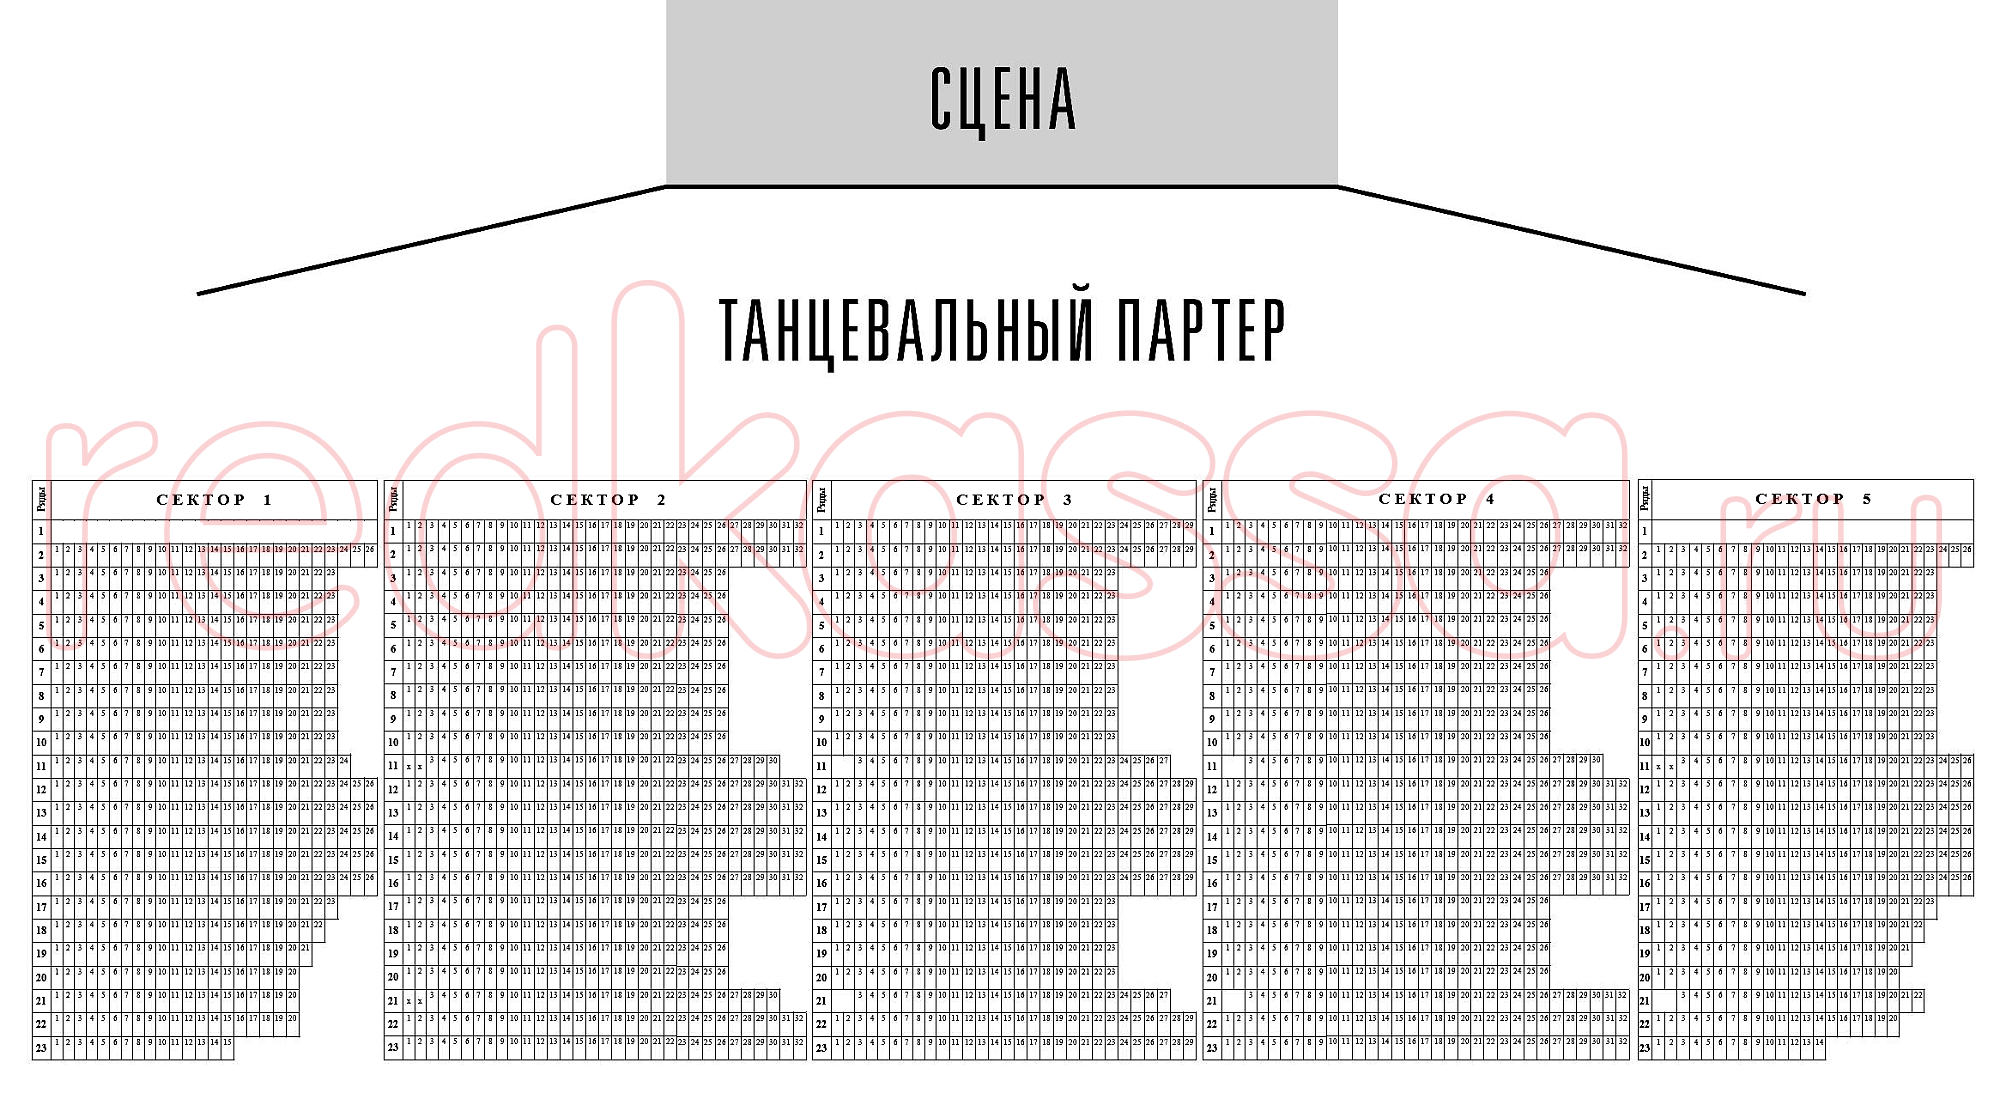 """Схема зала Тольятти. Дворец спорта """"Волгарь"""""""